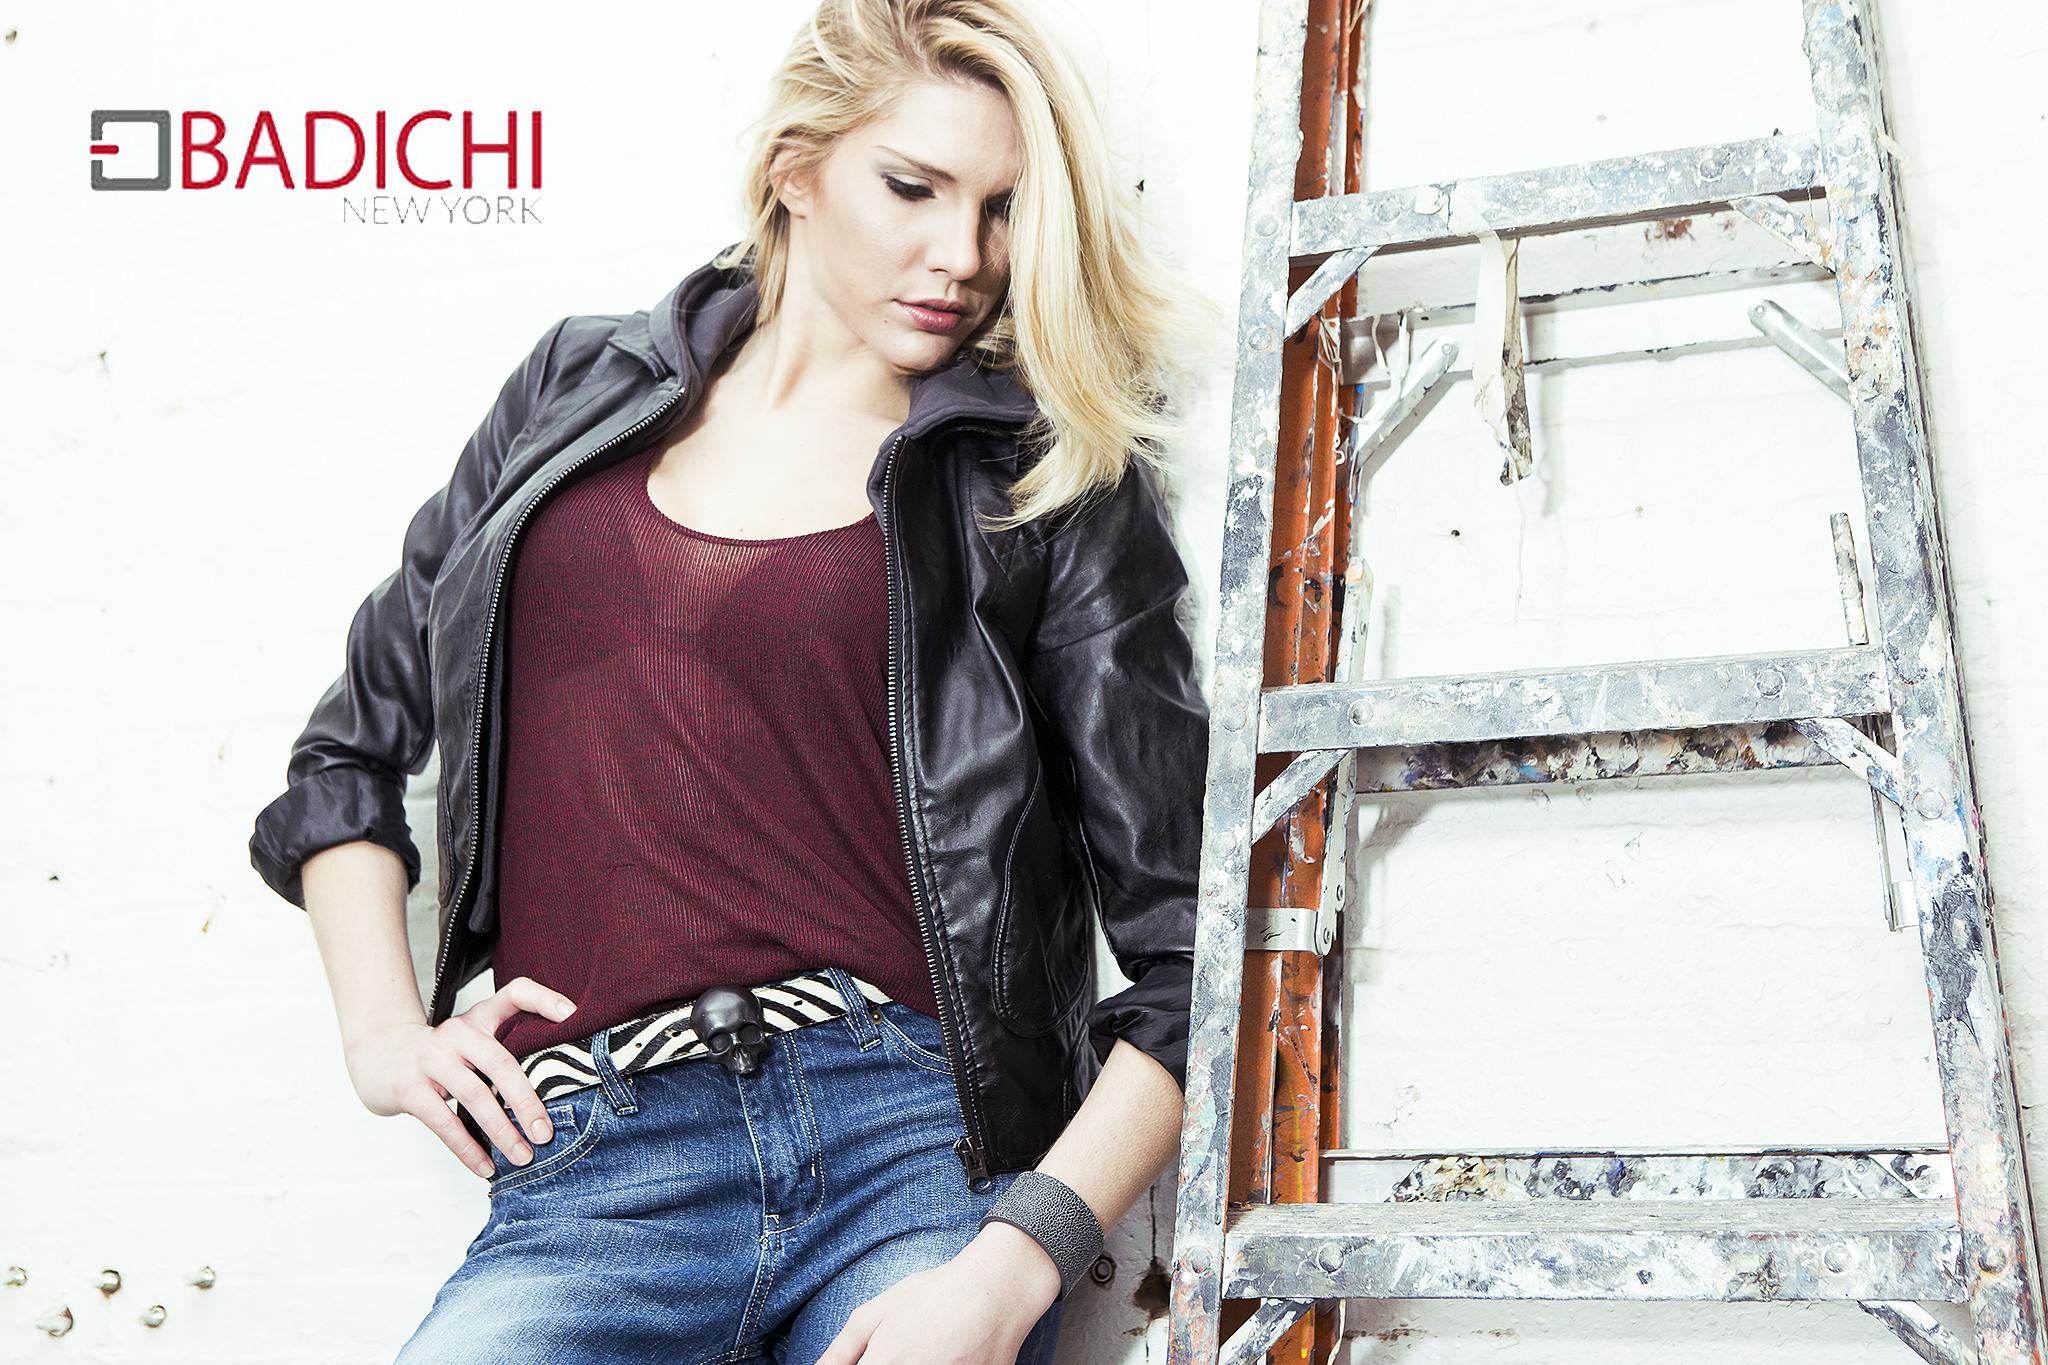 Badichi catalog-11064-Edit.jpg